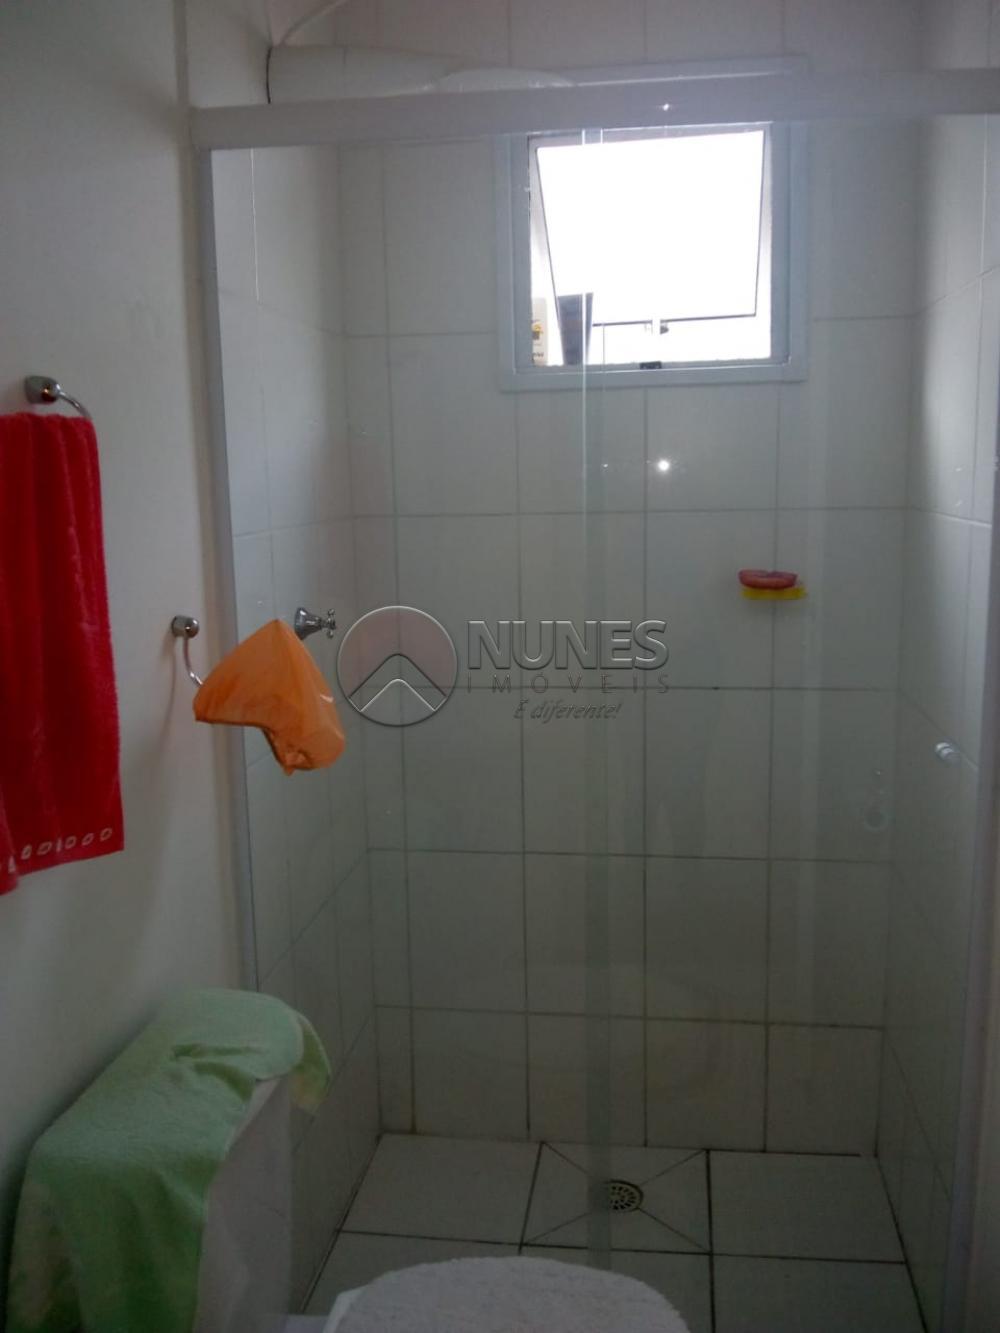 Comprar Casa / Sobrado em Condominio em Cotia apenas R$ 166.000,00 - Foto 16